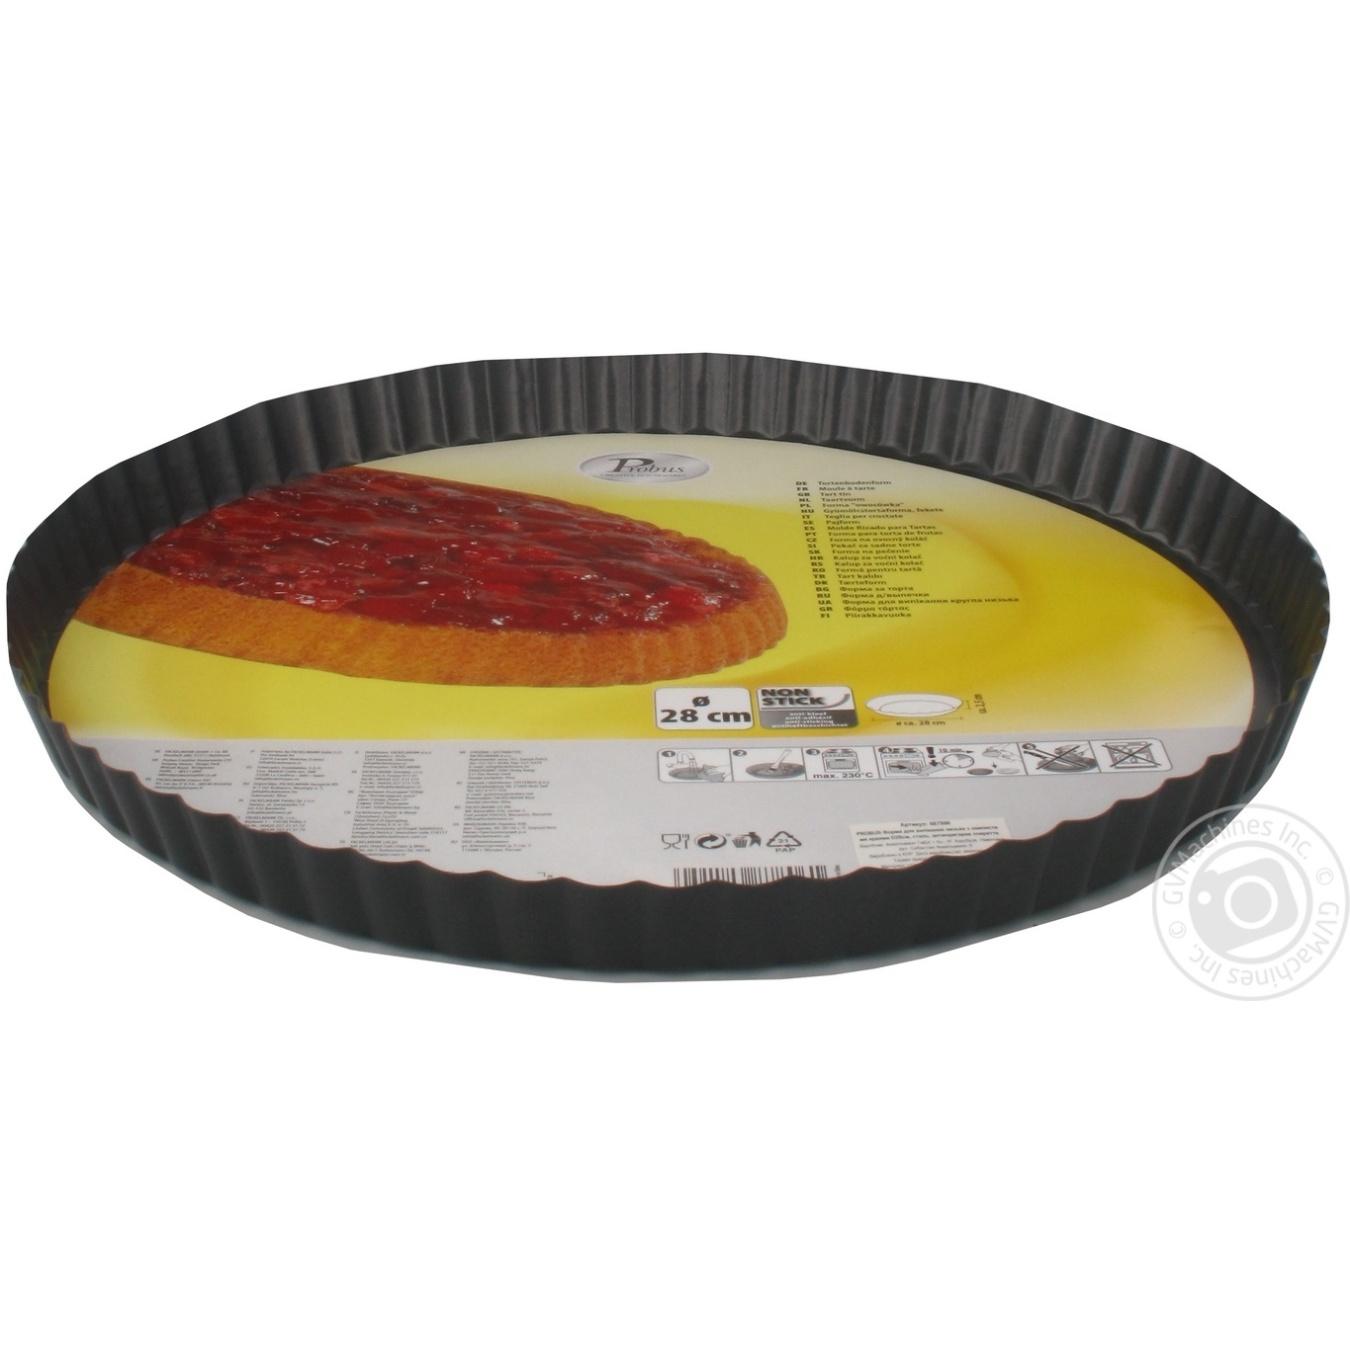 Купить Форма для выпечки Fackelmann круглая стальная низкая с гофрированными стенками 28см